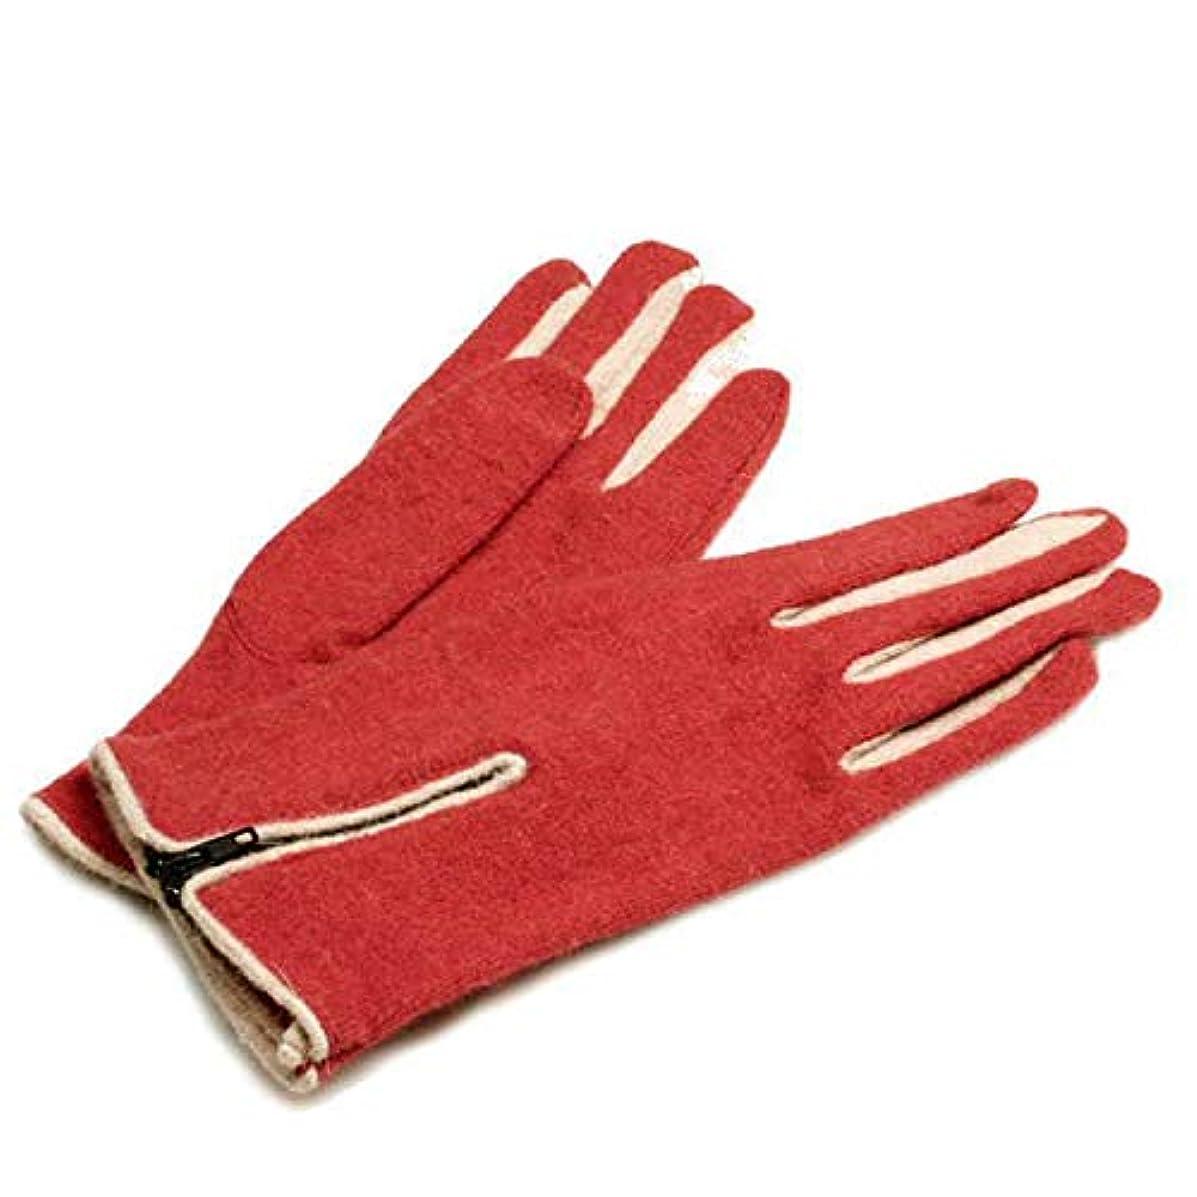 モンク曲げるロータリー秋と冬レディースフィンガー手袋ショートセクション厚手のウール手袋乗馬ウォーム手袋を運転する